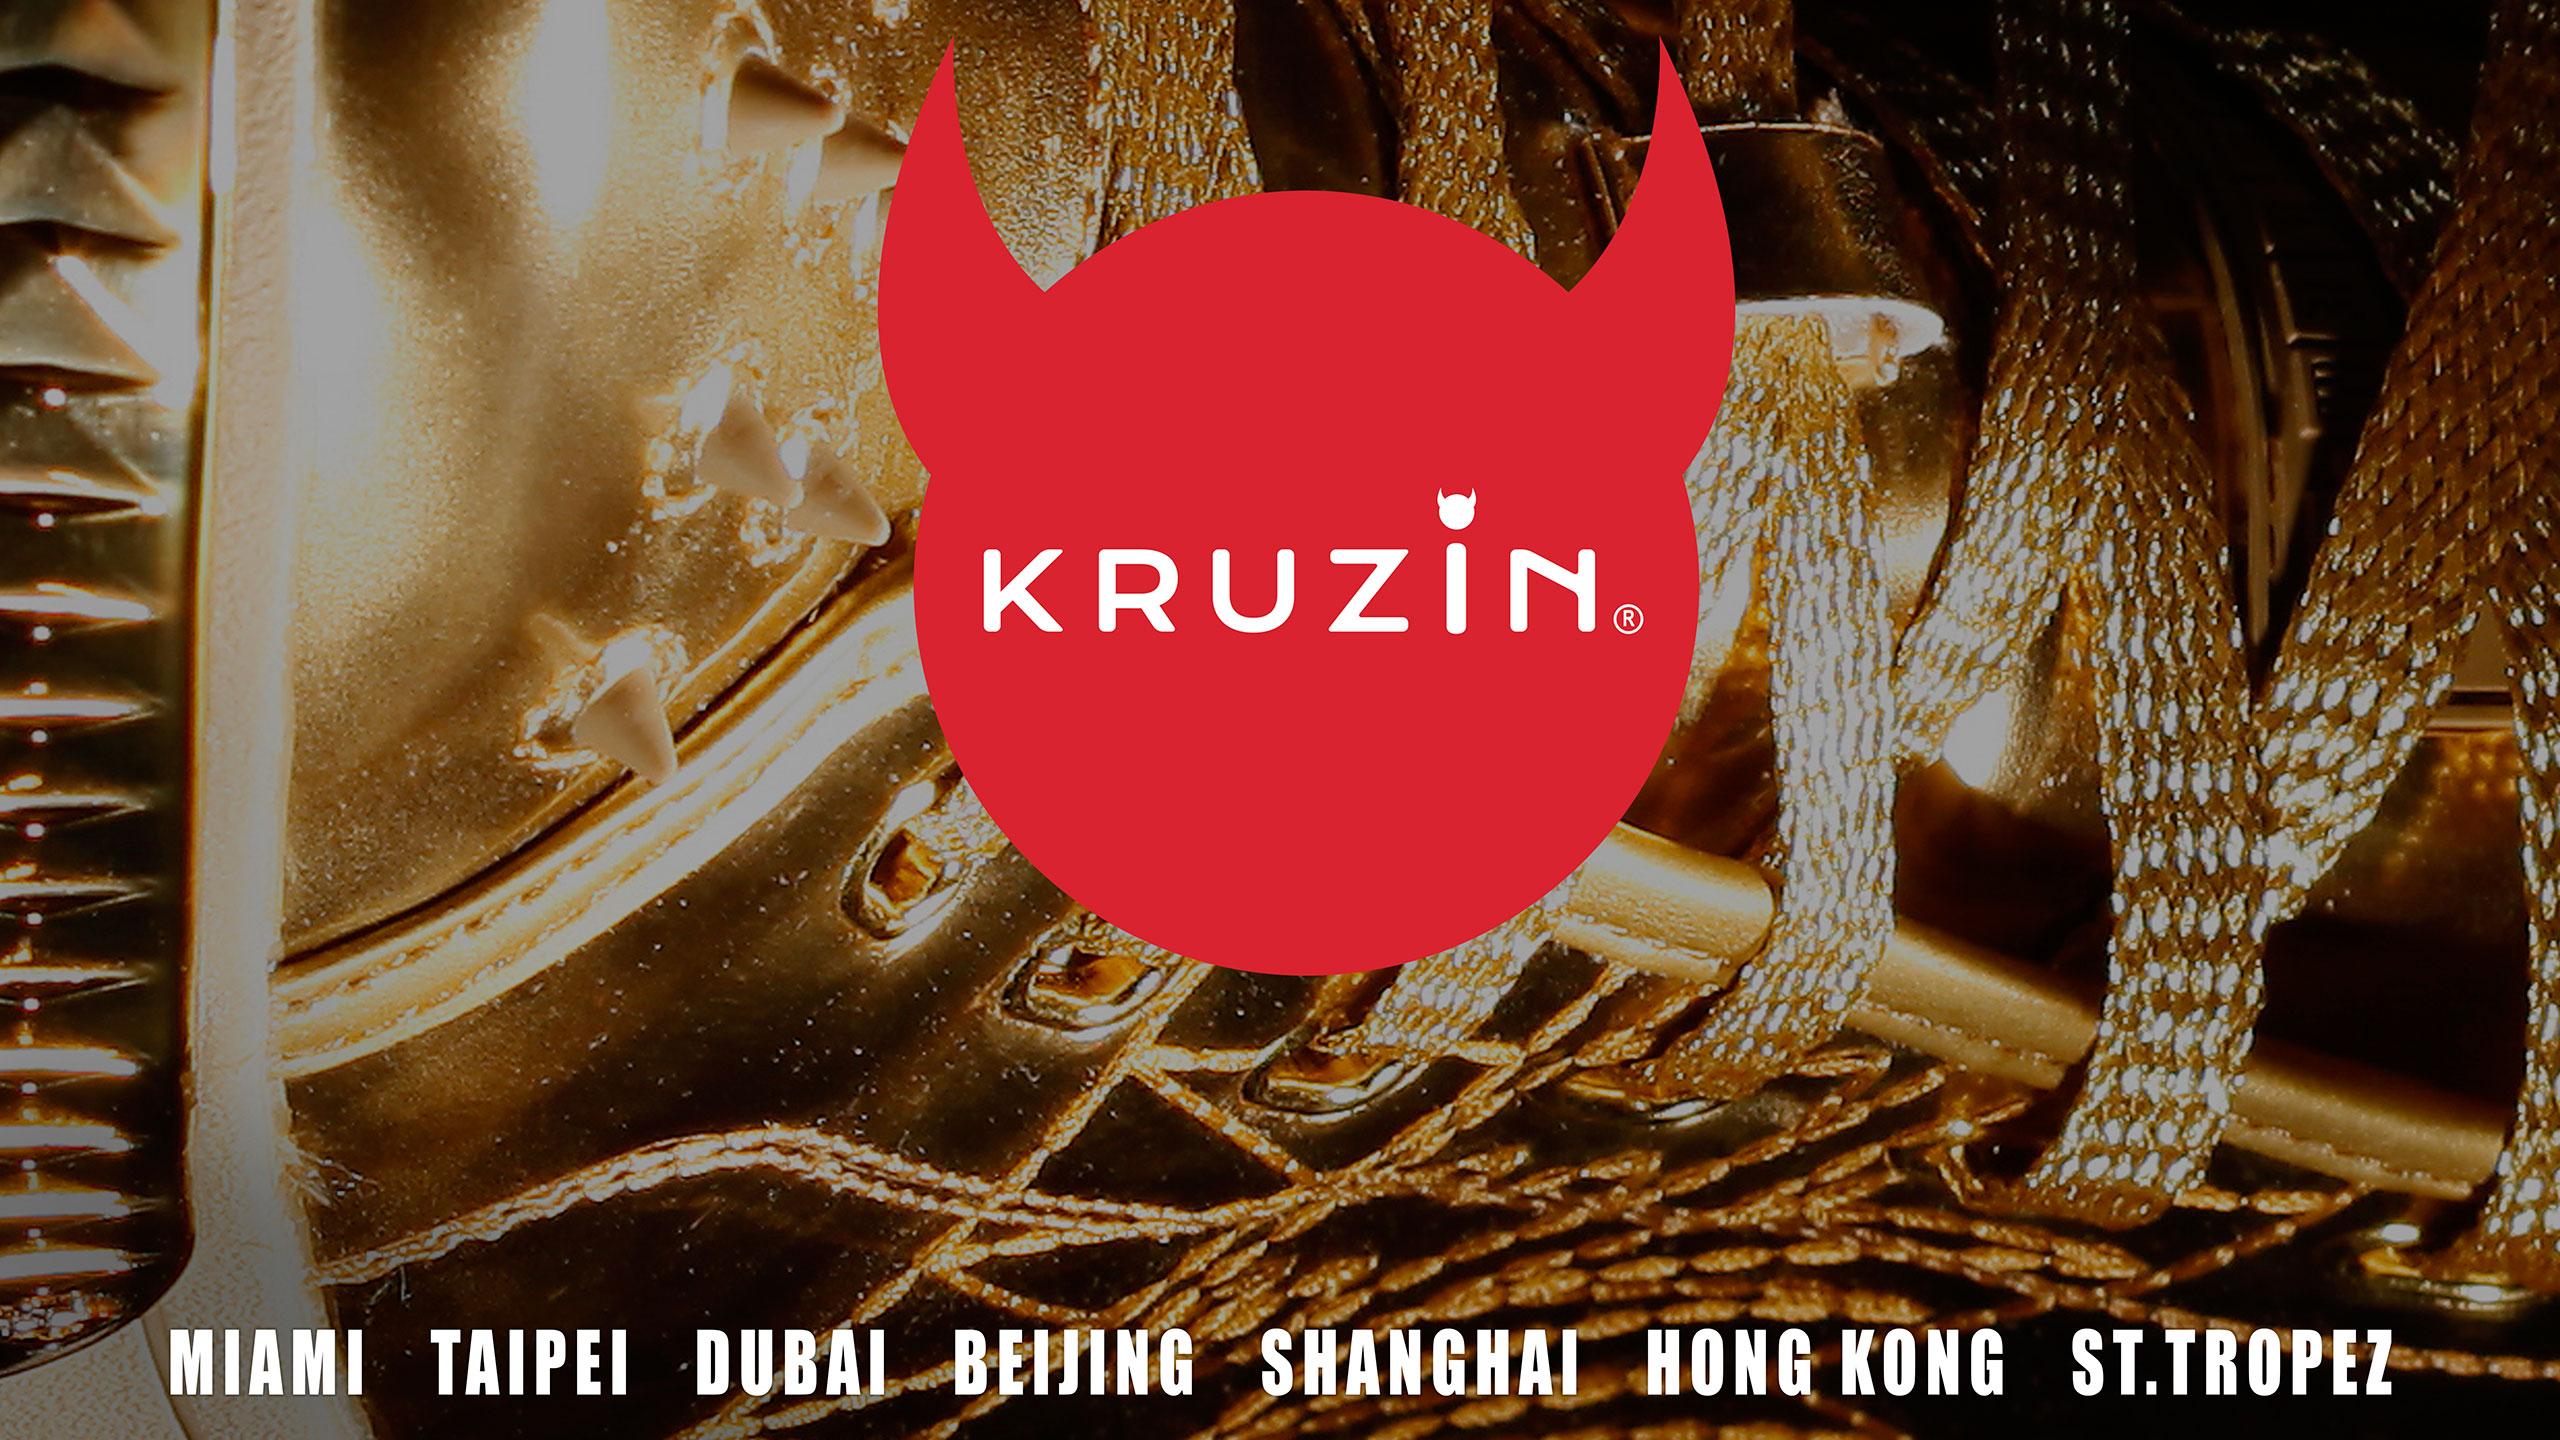 Kruzin Footwear